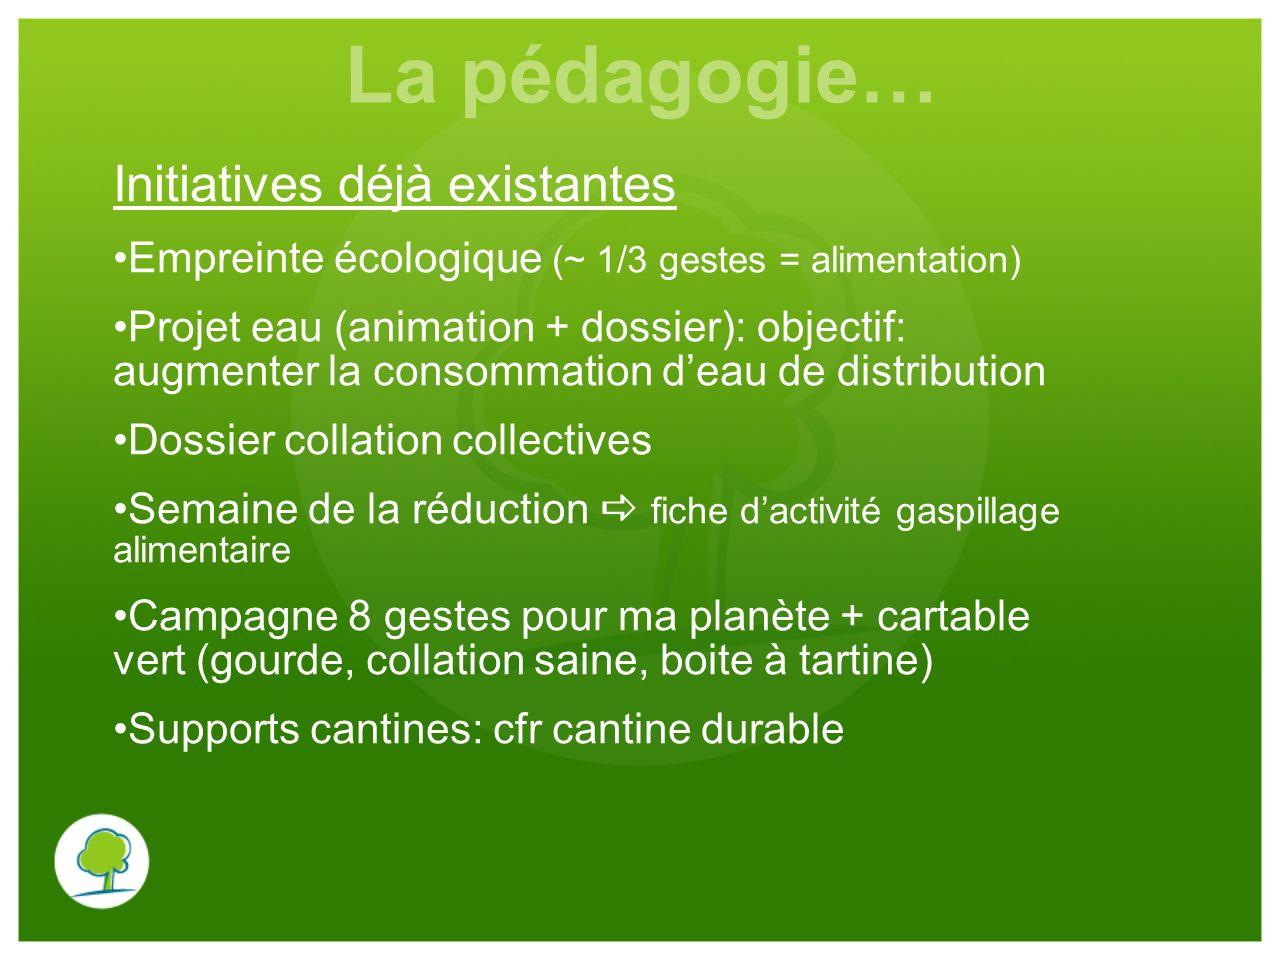 La pédagogie… Initiatives déjà existantes Empreinte écologique (~ 1/3 gestes = alimentation) Projet eau (animation + dossier): objectif: augmenter la